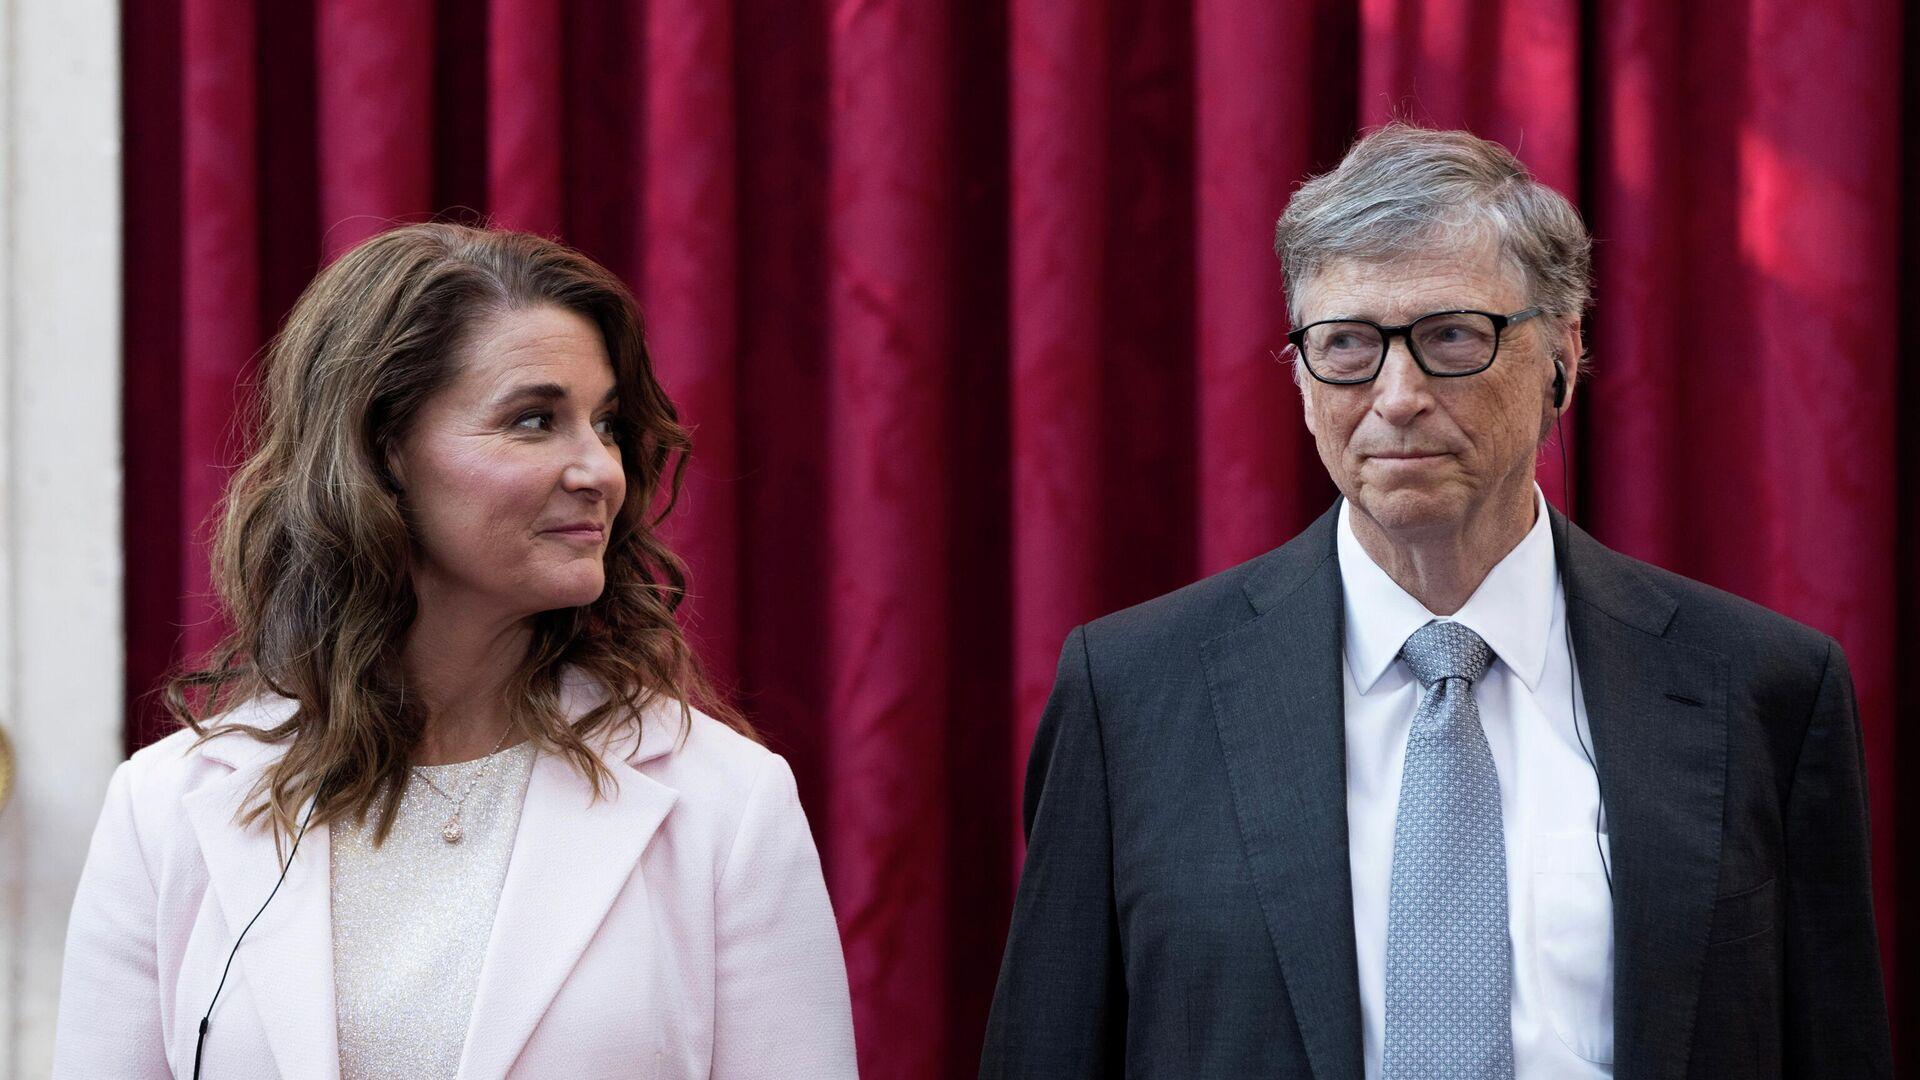 Билл Гейтс с супругой Мелиндой - РИА Новости, 1920, 05.05.2021